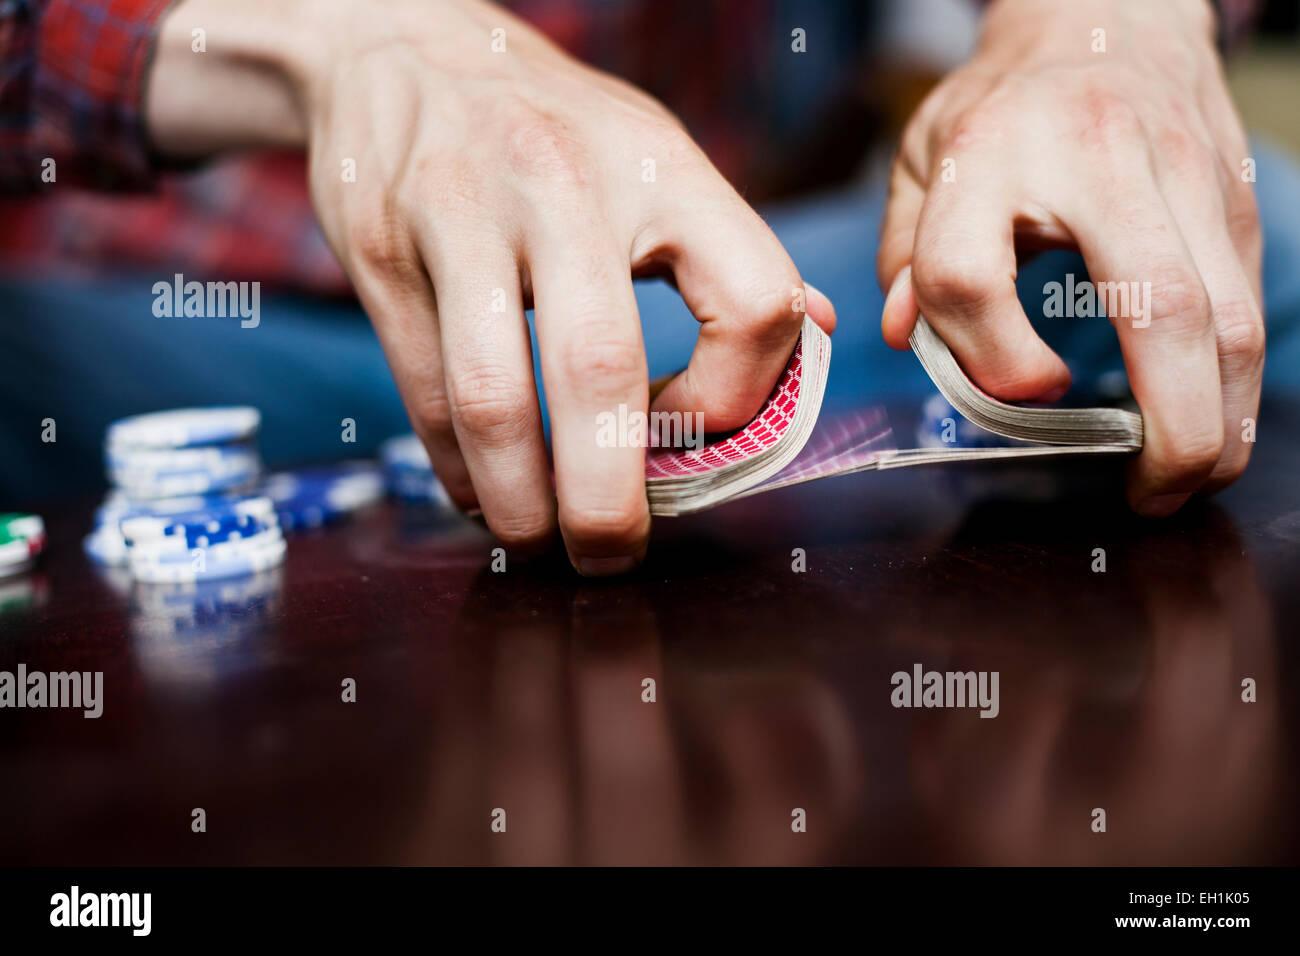 Portrait of man's hands shuffling et mélange jeu de cartes Photo Stock